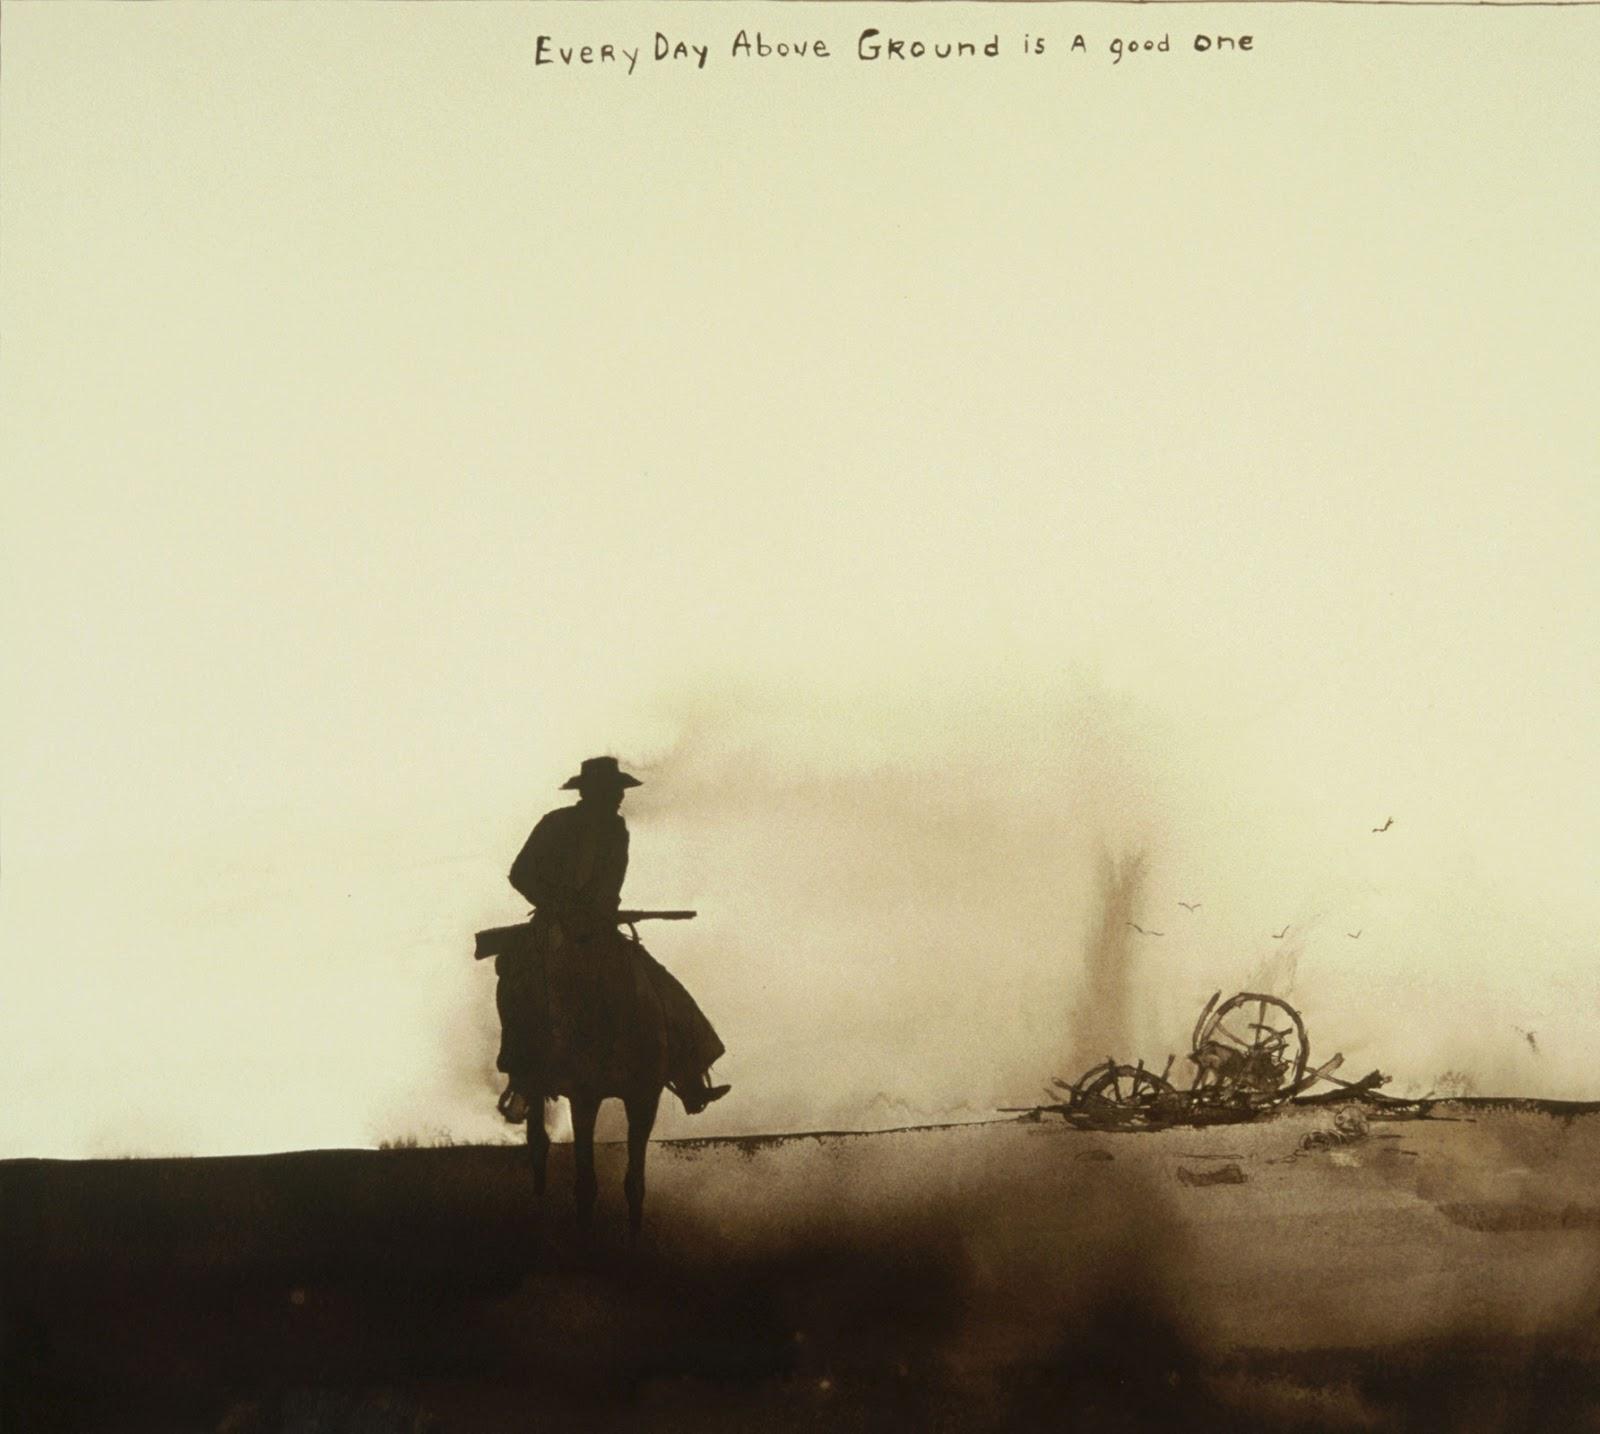 vaquero encima de caballo mirando restos de carro en acuarela